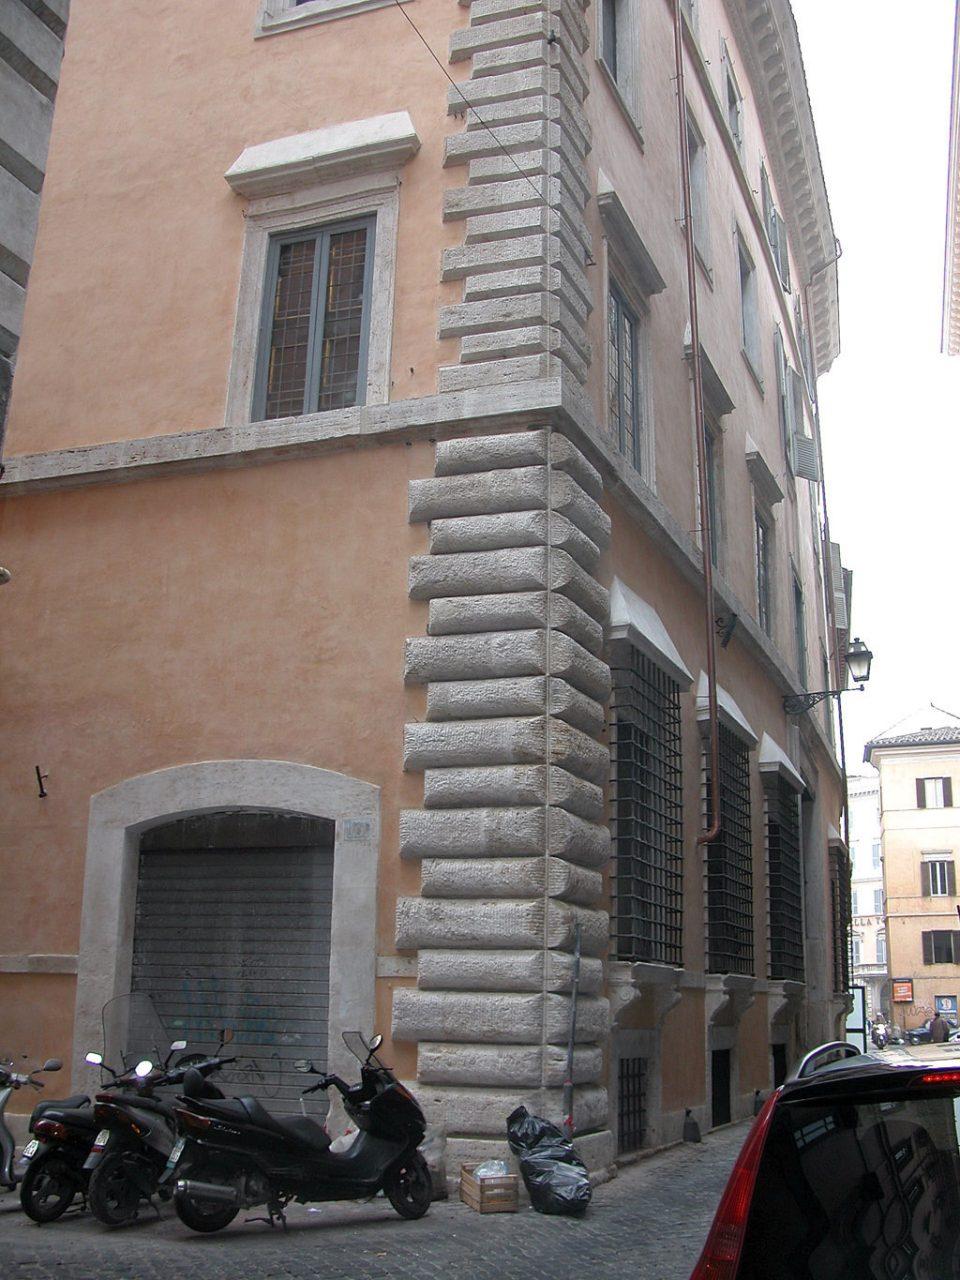 Veduta dell'angolo tra Via De' Nari e Via Monterone_post operam